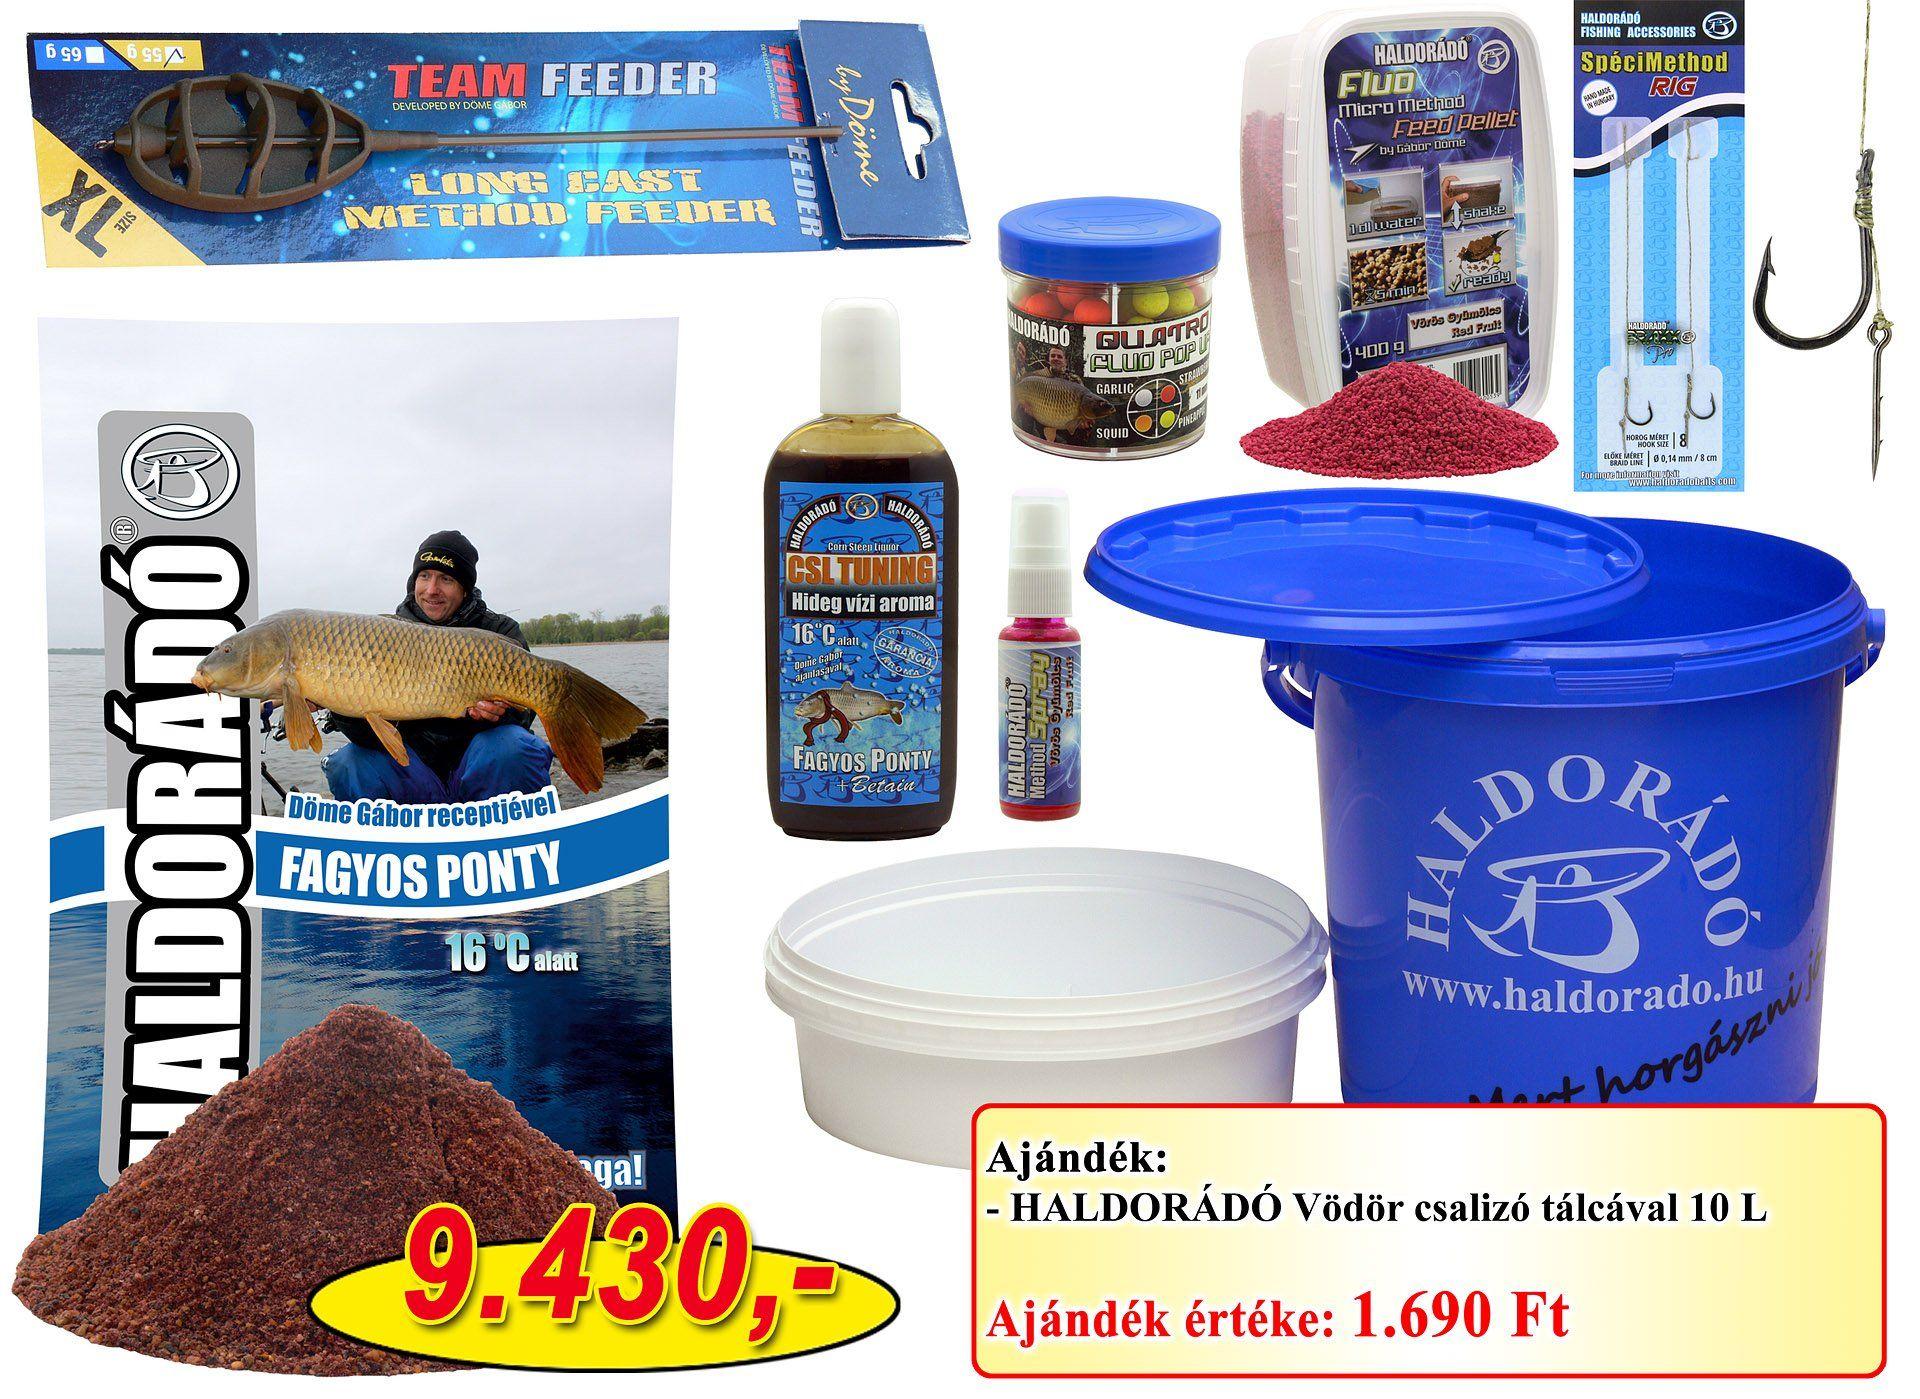 A Haldorádó Téli távdobó method csomag + ajándék vödör szett, amely a nevéhez hűen olyan termékekből áll, amik a hideg vízi távdobó pontyhorgászatok során növelhetik eredményességünket!